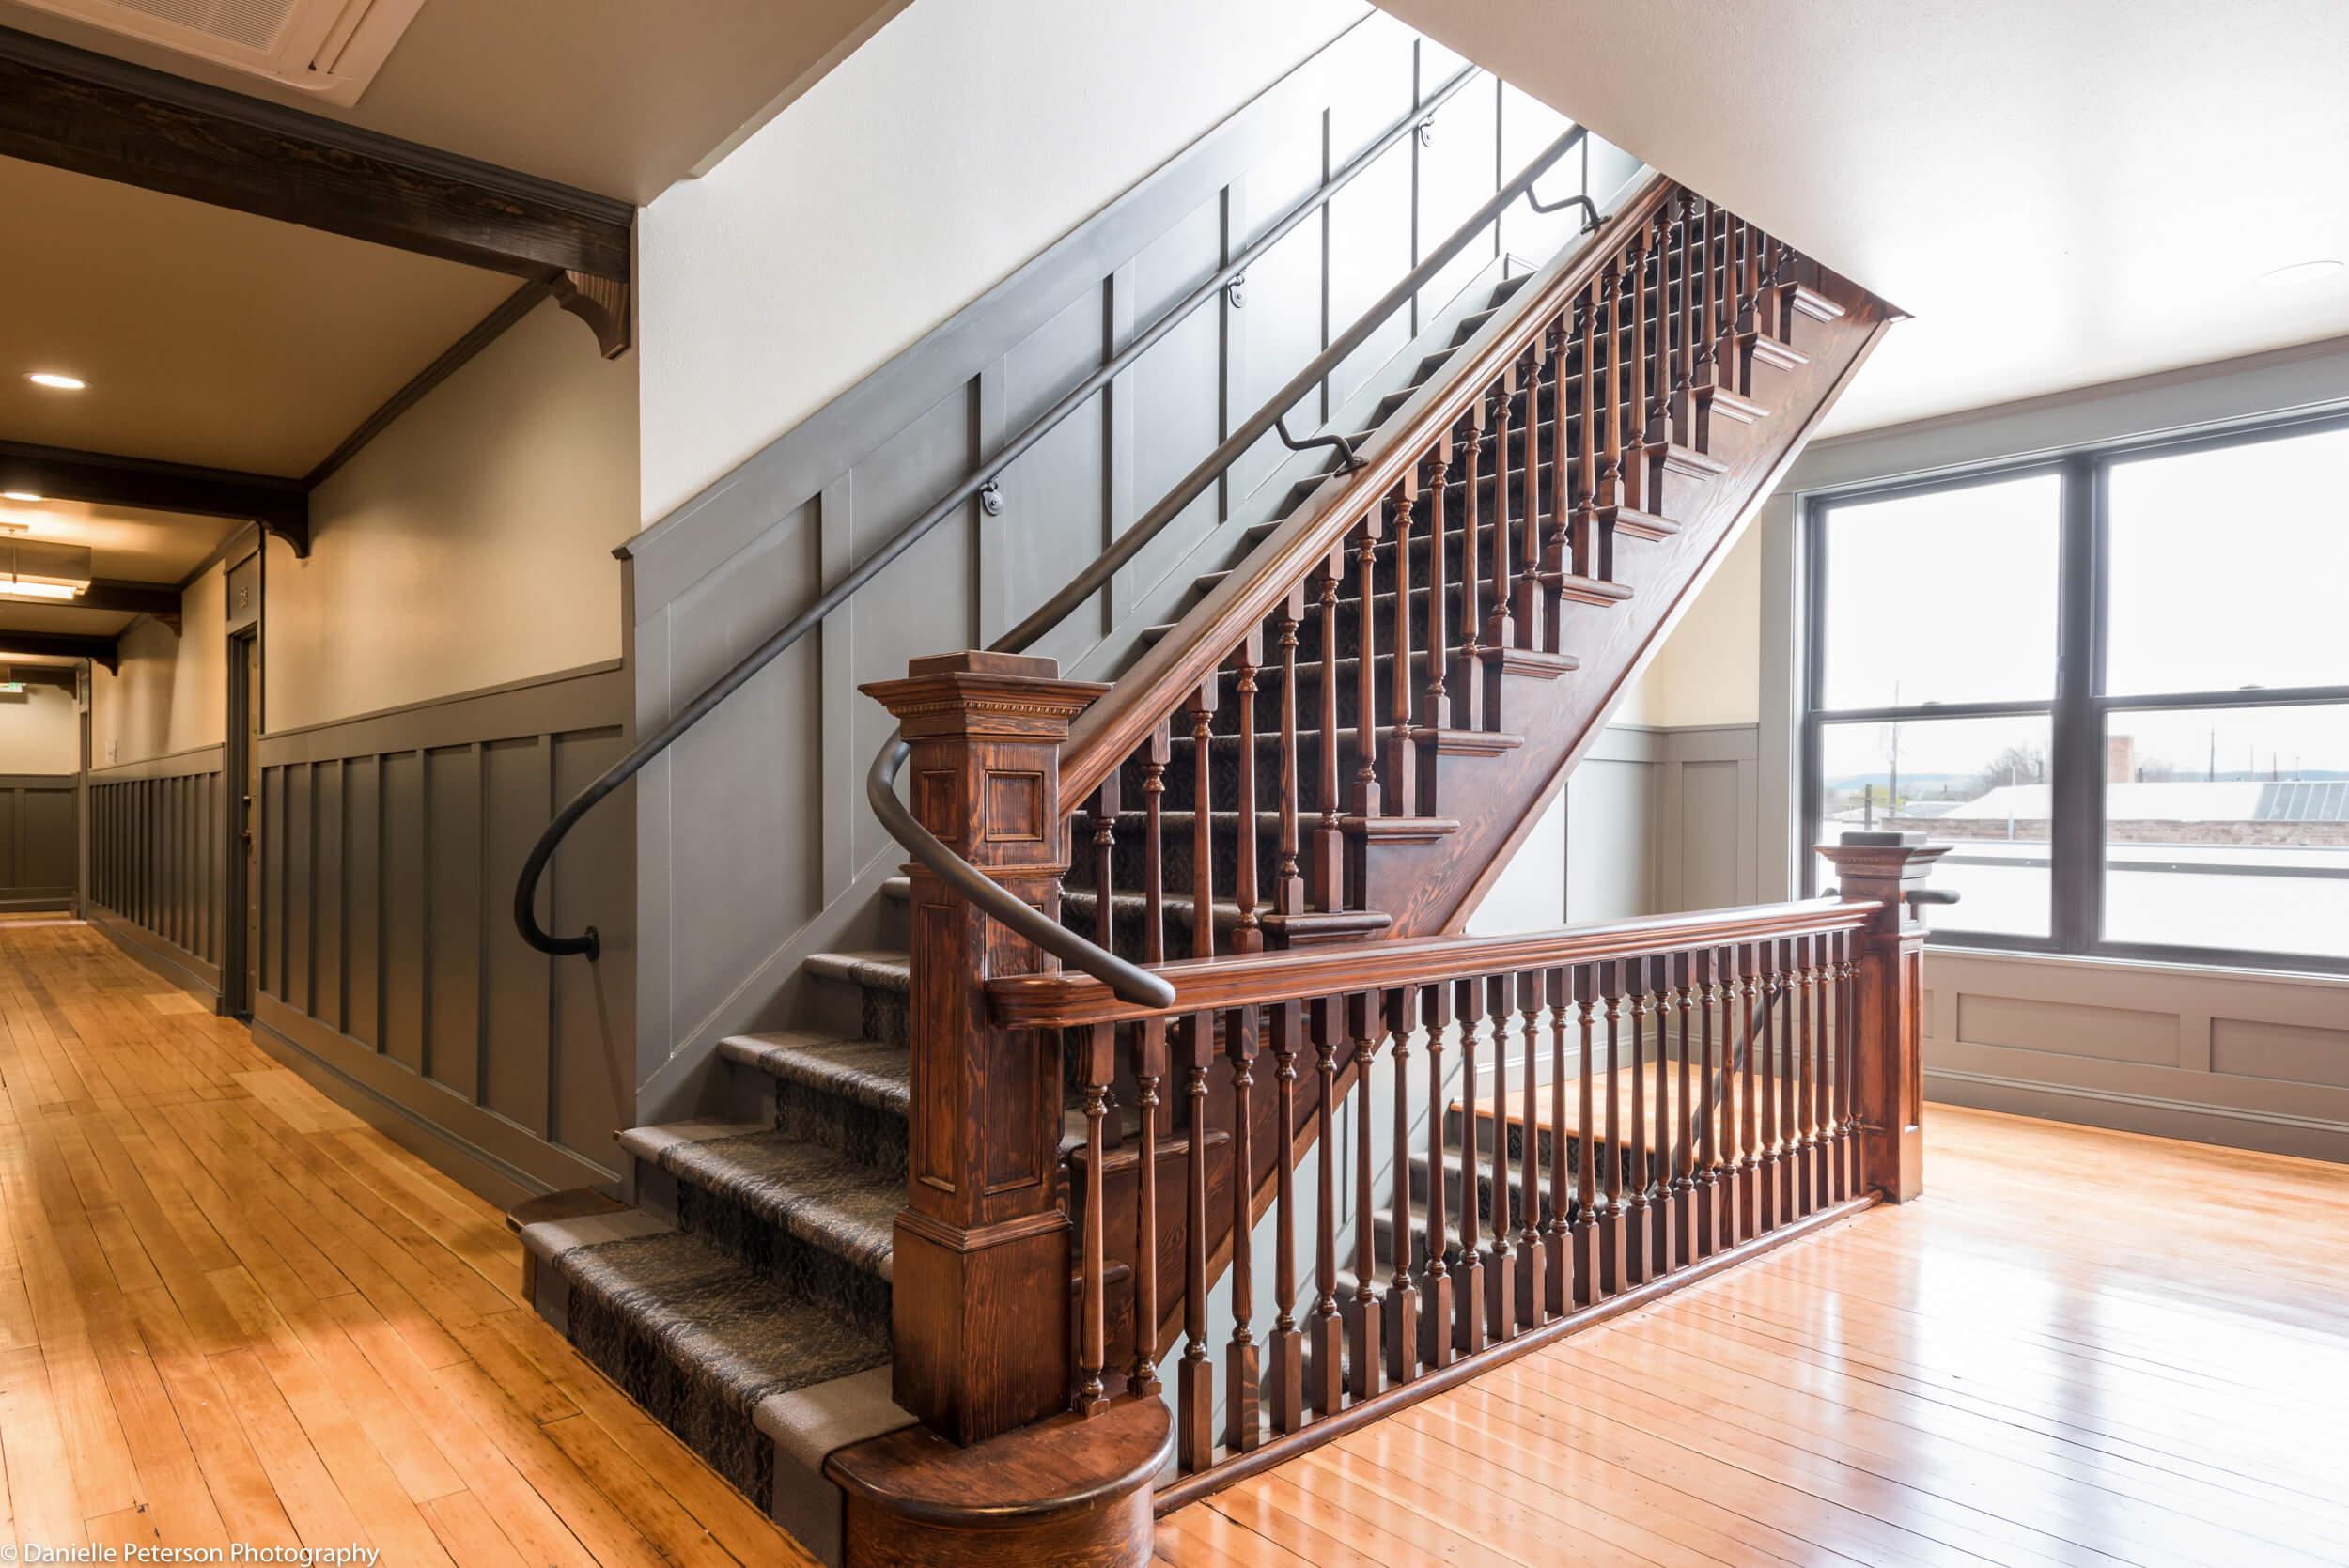 The Tieton Stairwell